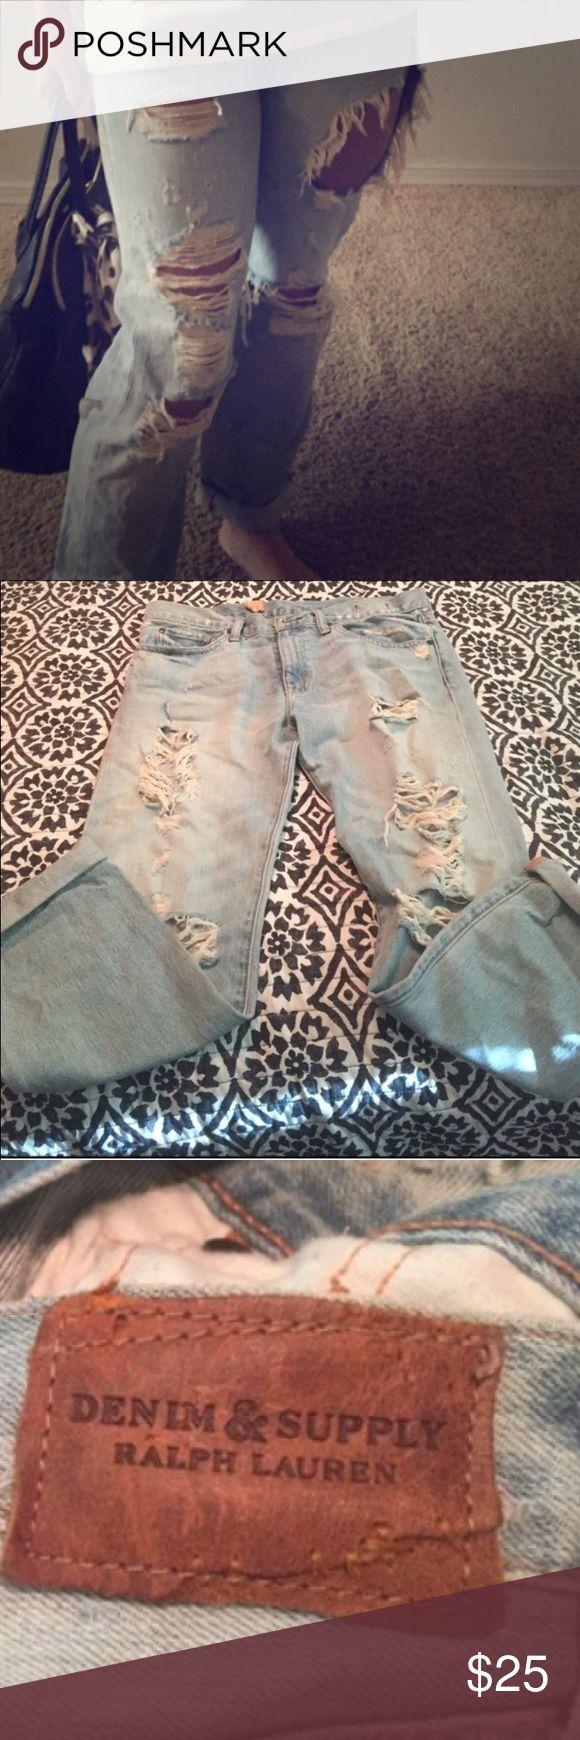 Ralph Lauren ripped jeans Super cute Ralph Lauren ripped boyfriend jeans, the one rip does go up a little far but still so cute Ralph Lauren Jeans Boyfriend